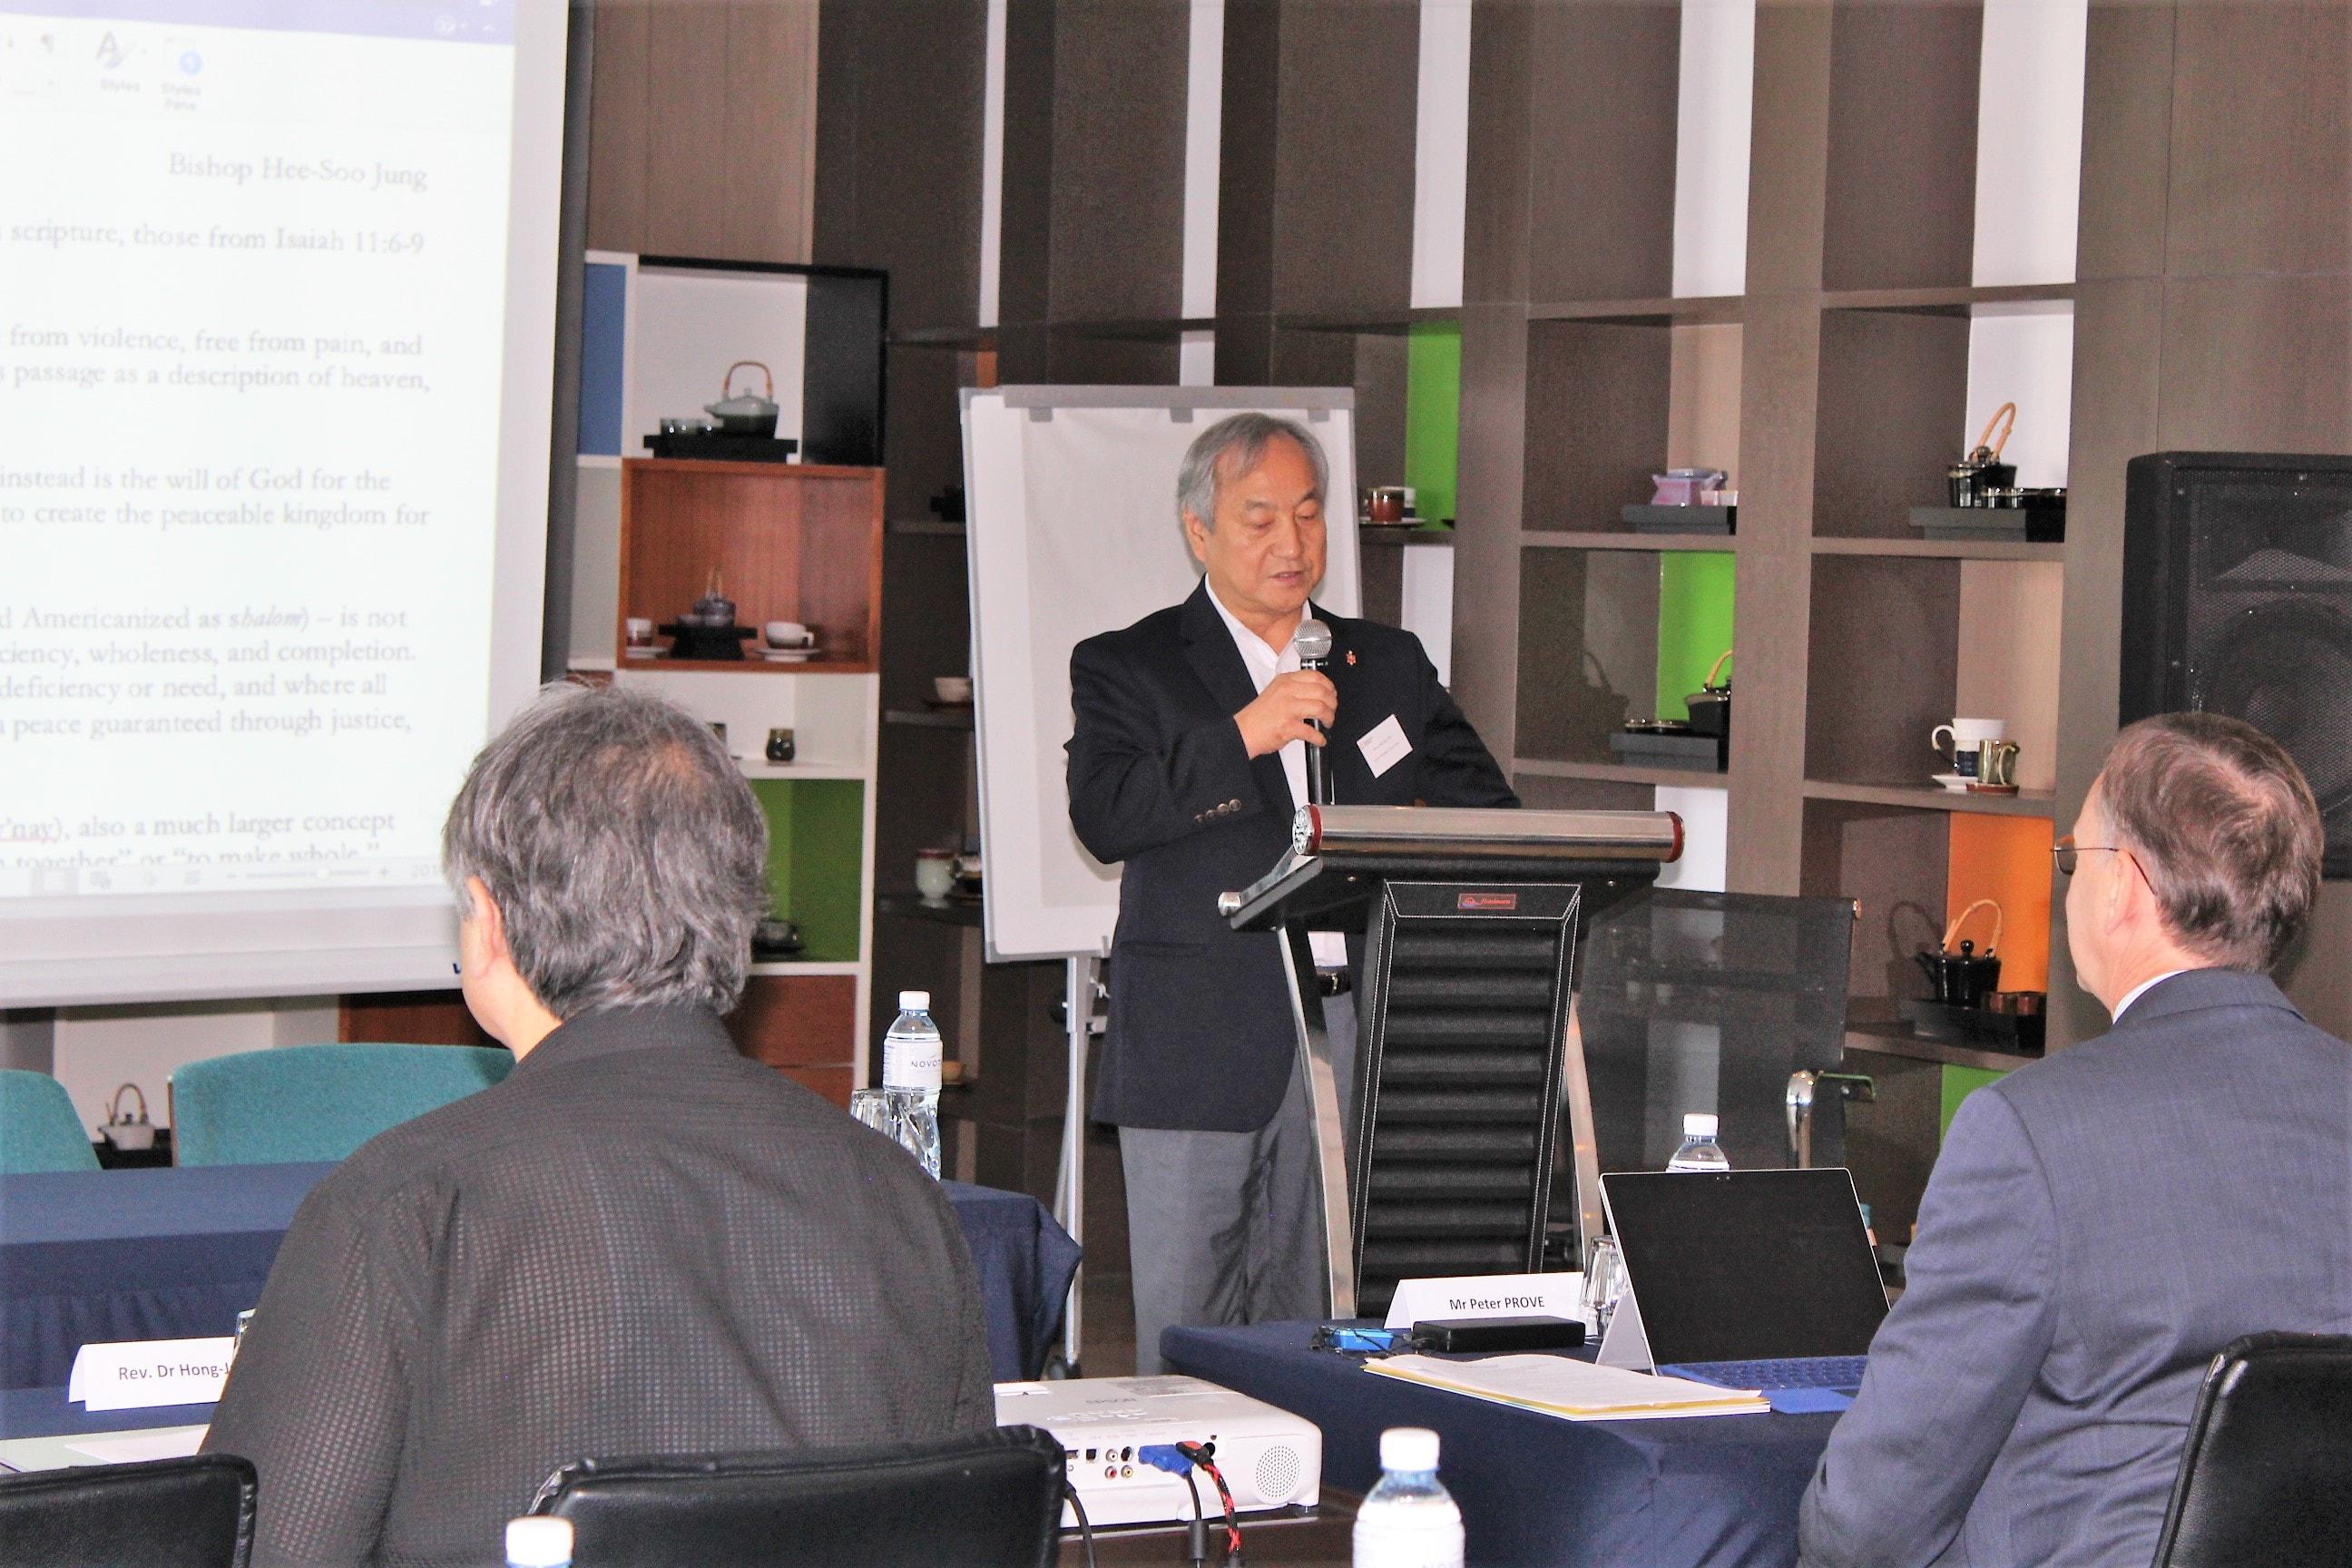 지난 7월 10-12일 방콕에서 열린 한반도포럼에서 정희수 감독(미 위스콘신연회)이   성서에 기초한 한반도 평화에 대하여 발표하고 있는 모습. 사진 제공, 한국기독교교회협의회(NCCK).